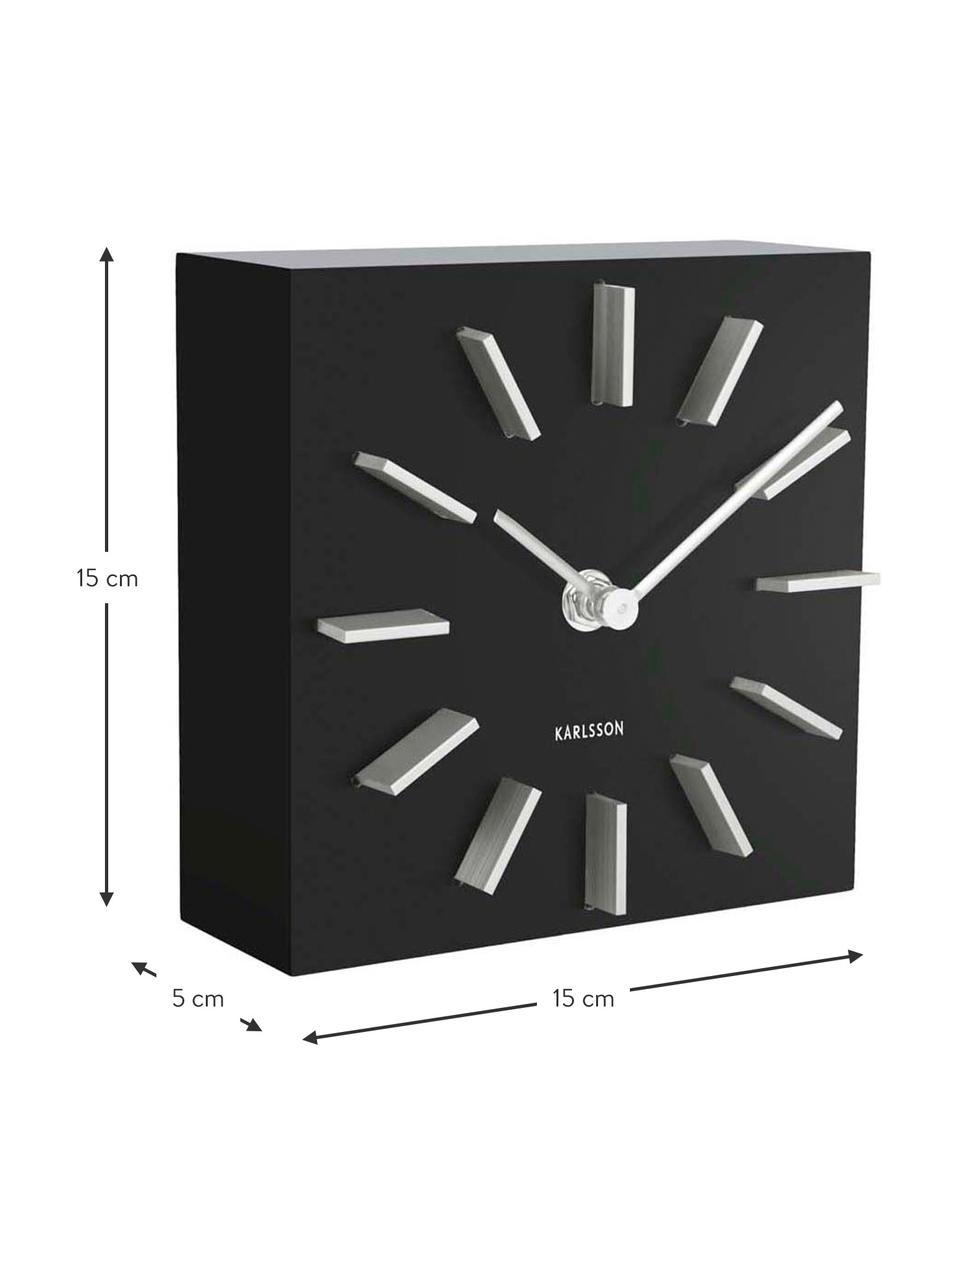 Tischuhr Discreet, Mitteldichte Holzfaserplatte (MDF), Schwarz, Weiß, 15 x 15 cm